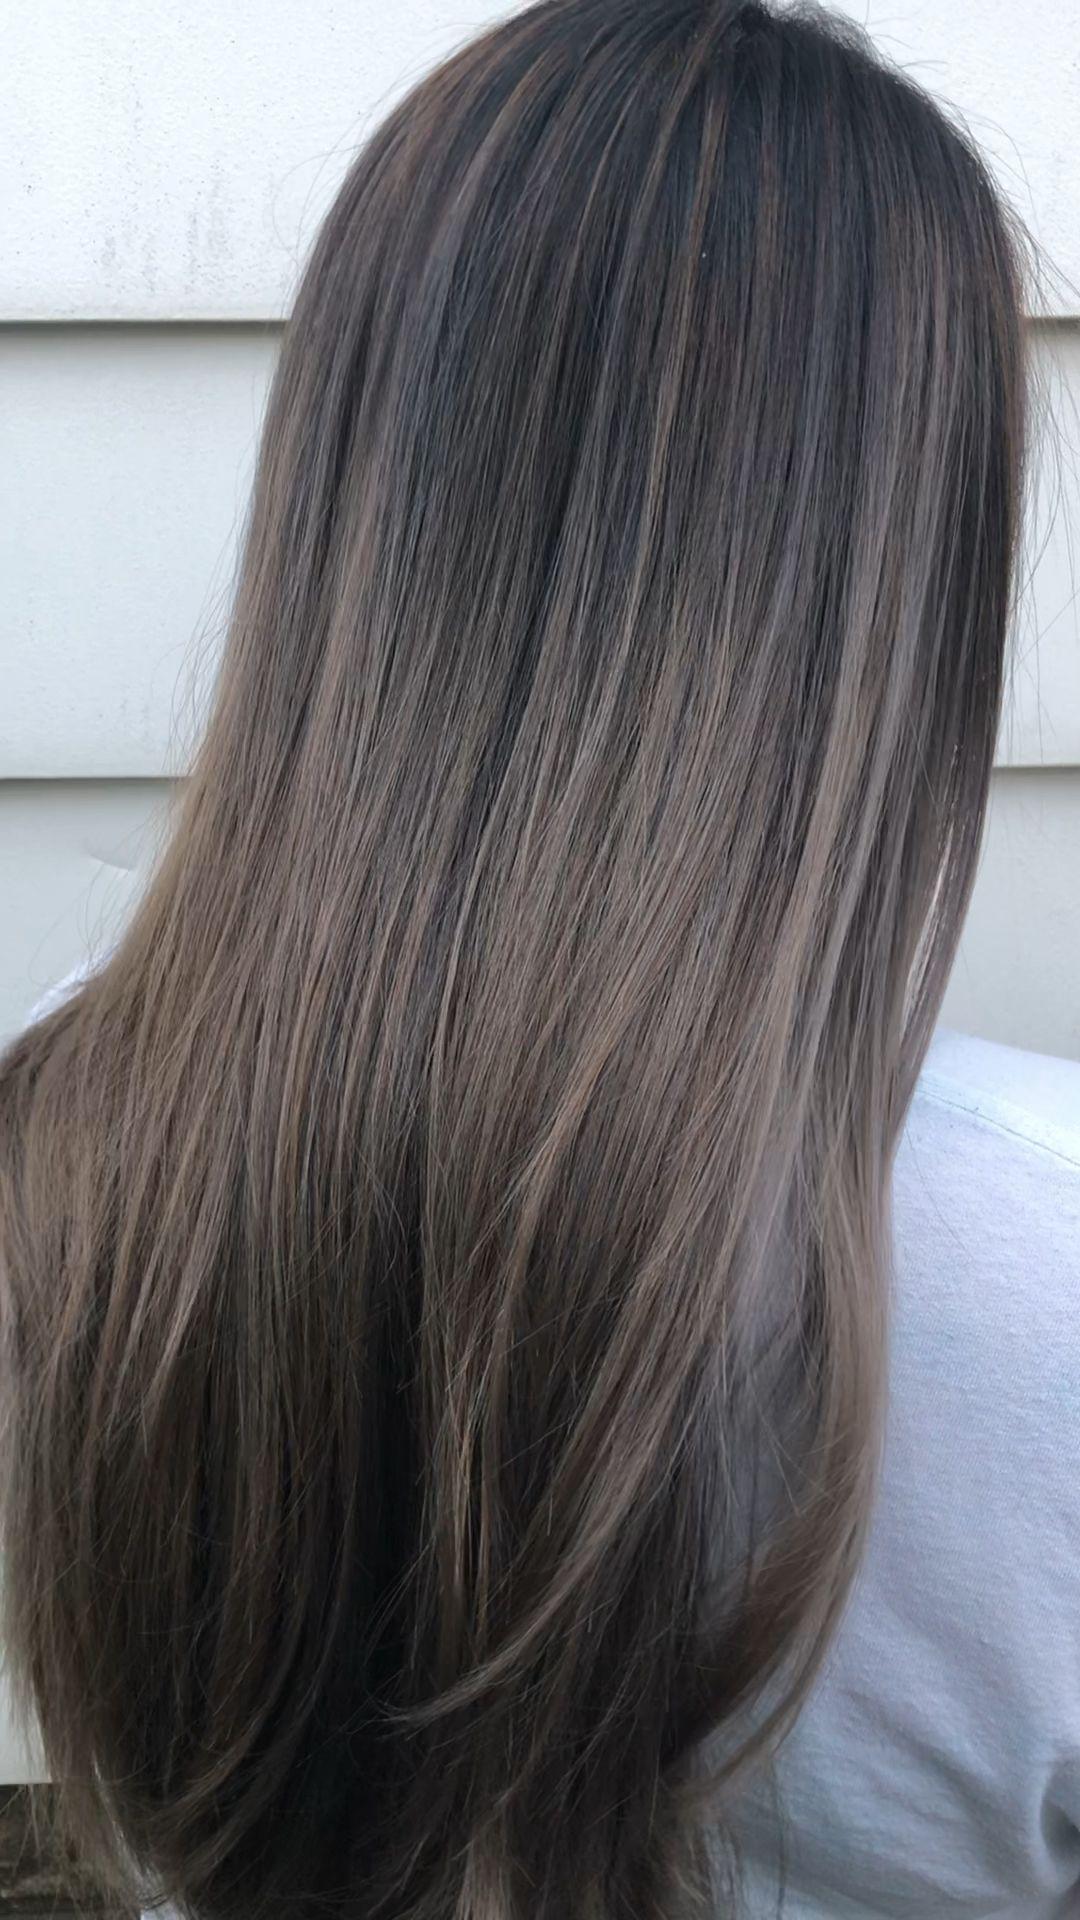 30 I Migliori Tagli Di Capelli Corti Per Le Donne Acconciature 2020 Nuove Acconciature E Tinte Per Capelli Welco Balayage Asian Hair Asian Hair Perfect Hair